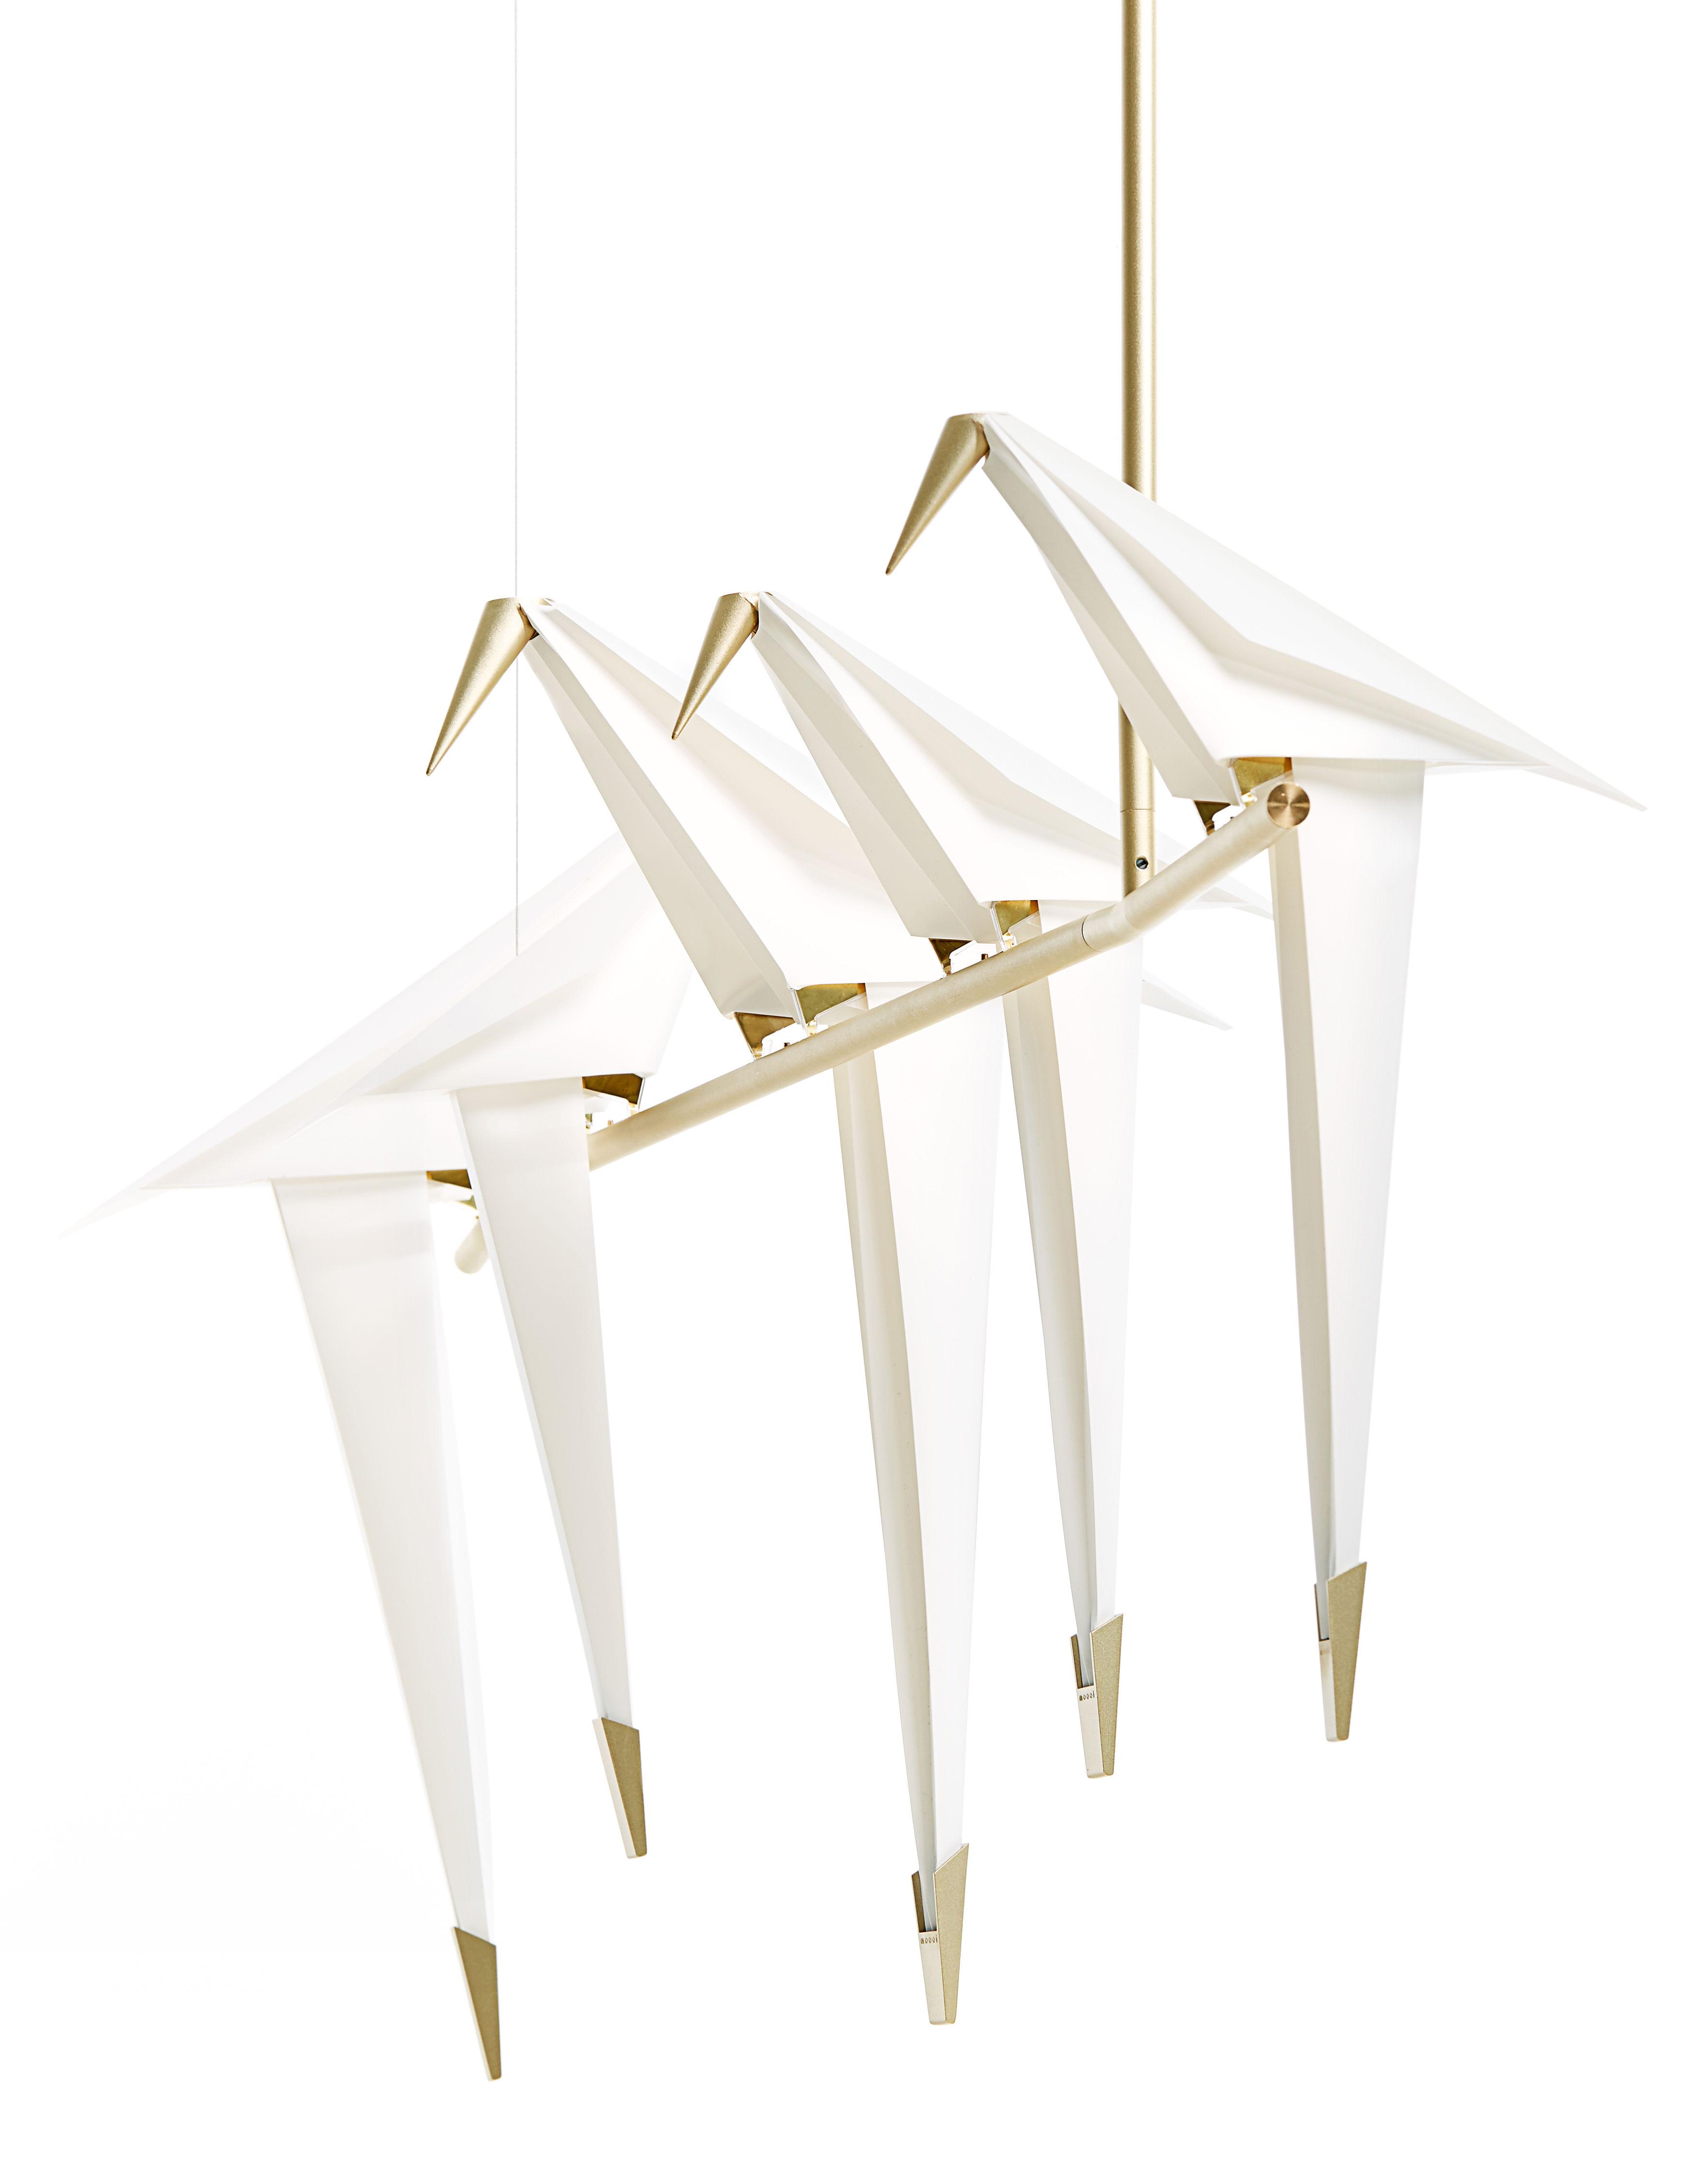 Luminaire - Suspensions - Suspension Perch Light Branch LED / Oiseaux mobiles - L 100 cm - Moooi - Blanc & laiton - Acier, Aluminium, Polypropylène